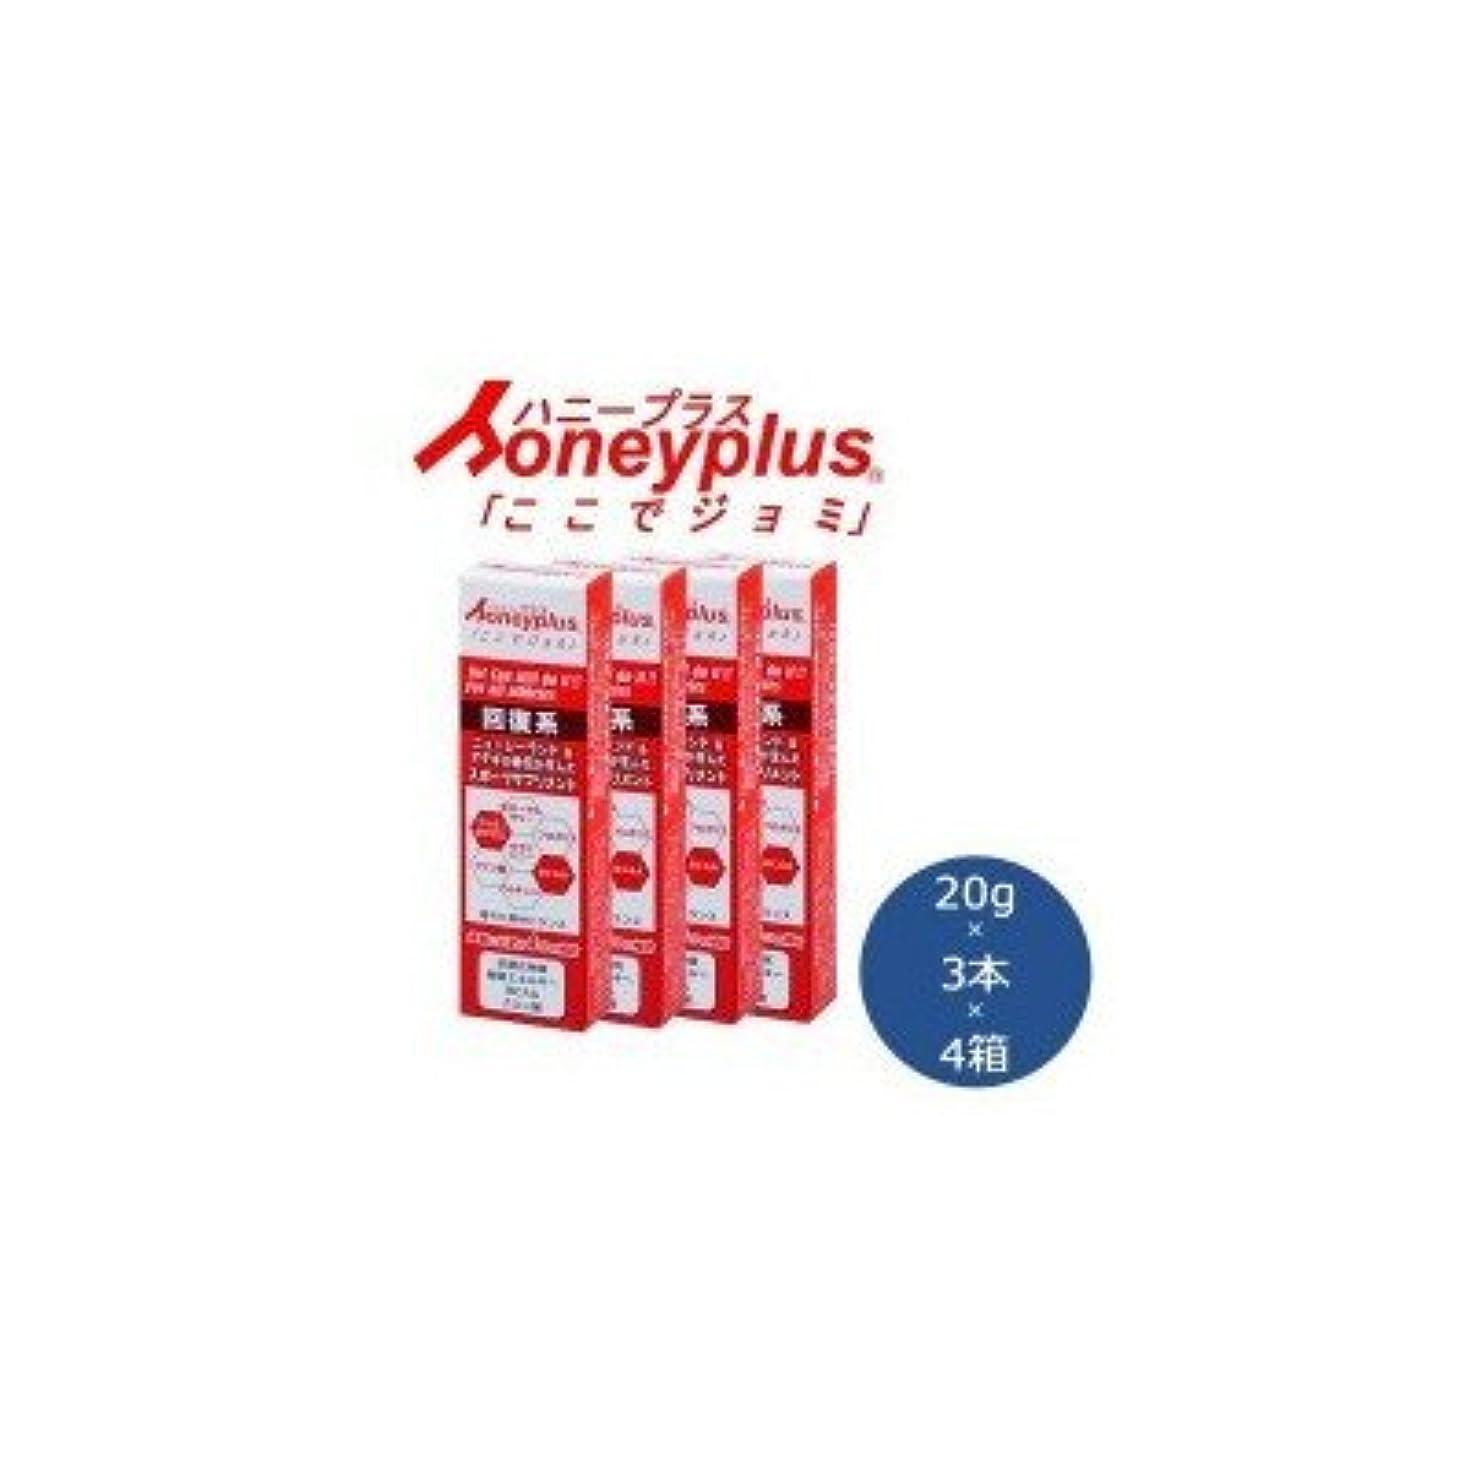 覗く有用初心者Honeyplus「ここでジョミ」3本入 4箱セット アスリートも愛飲 回復系スポーツサプリメント